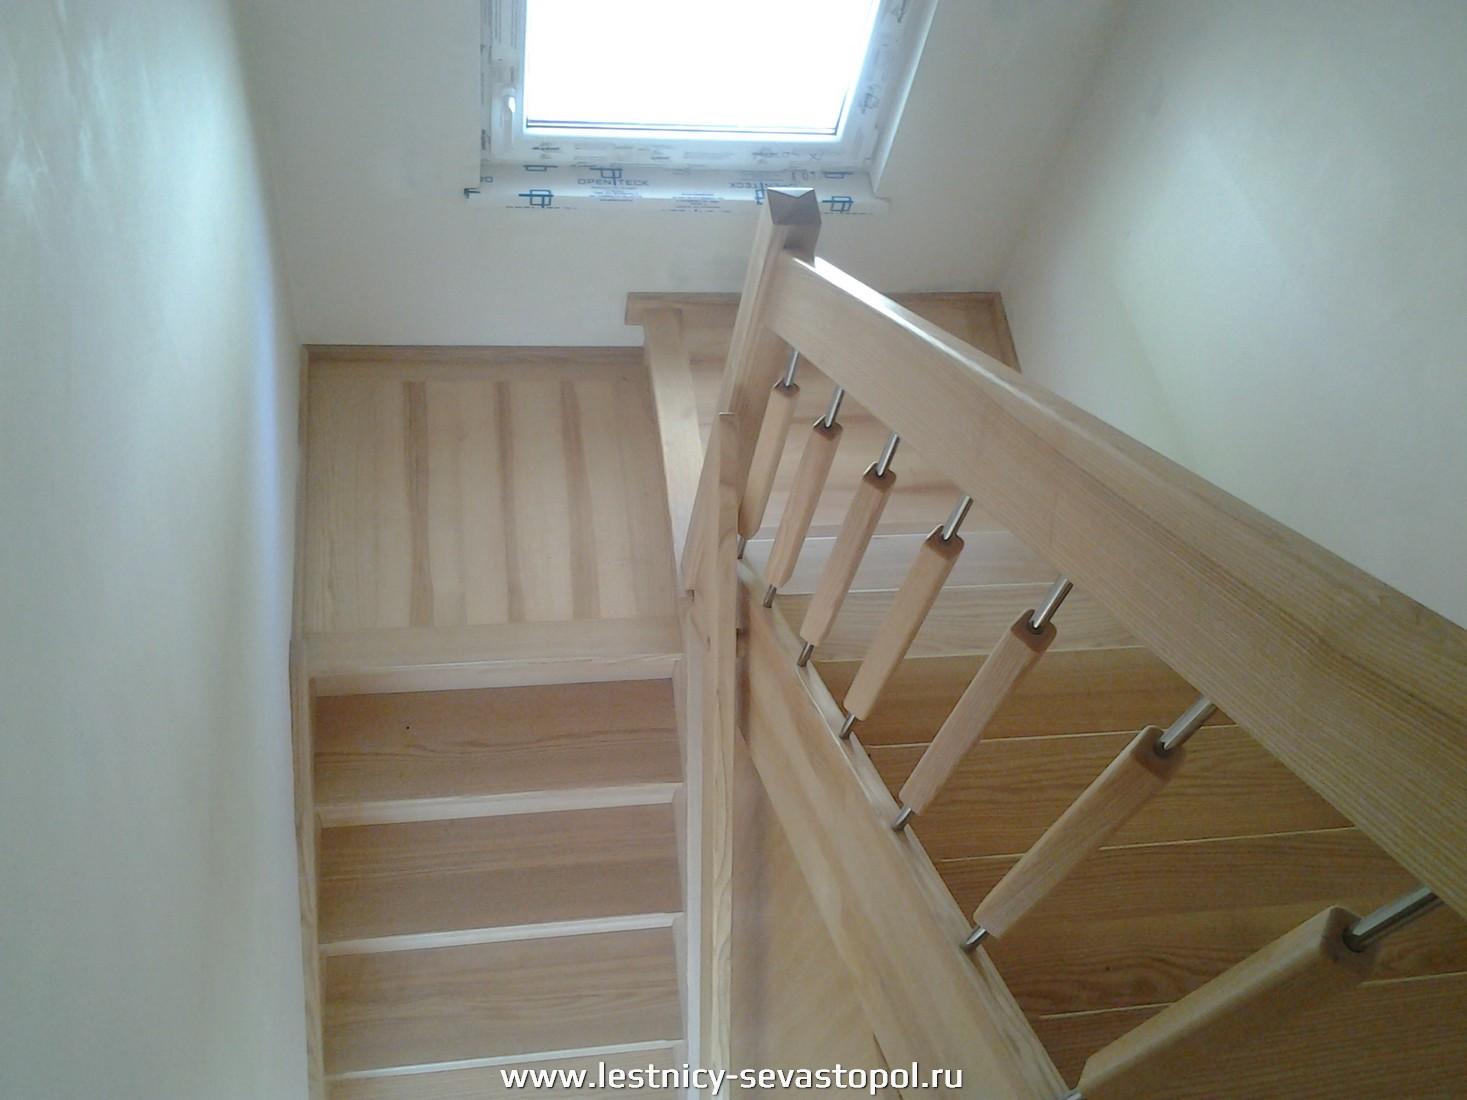 Деревянный дом лестница второй этаж цена